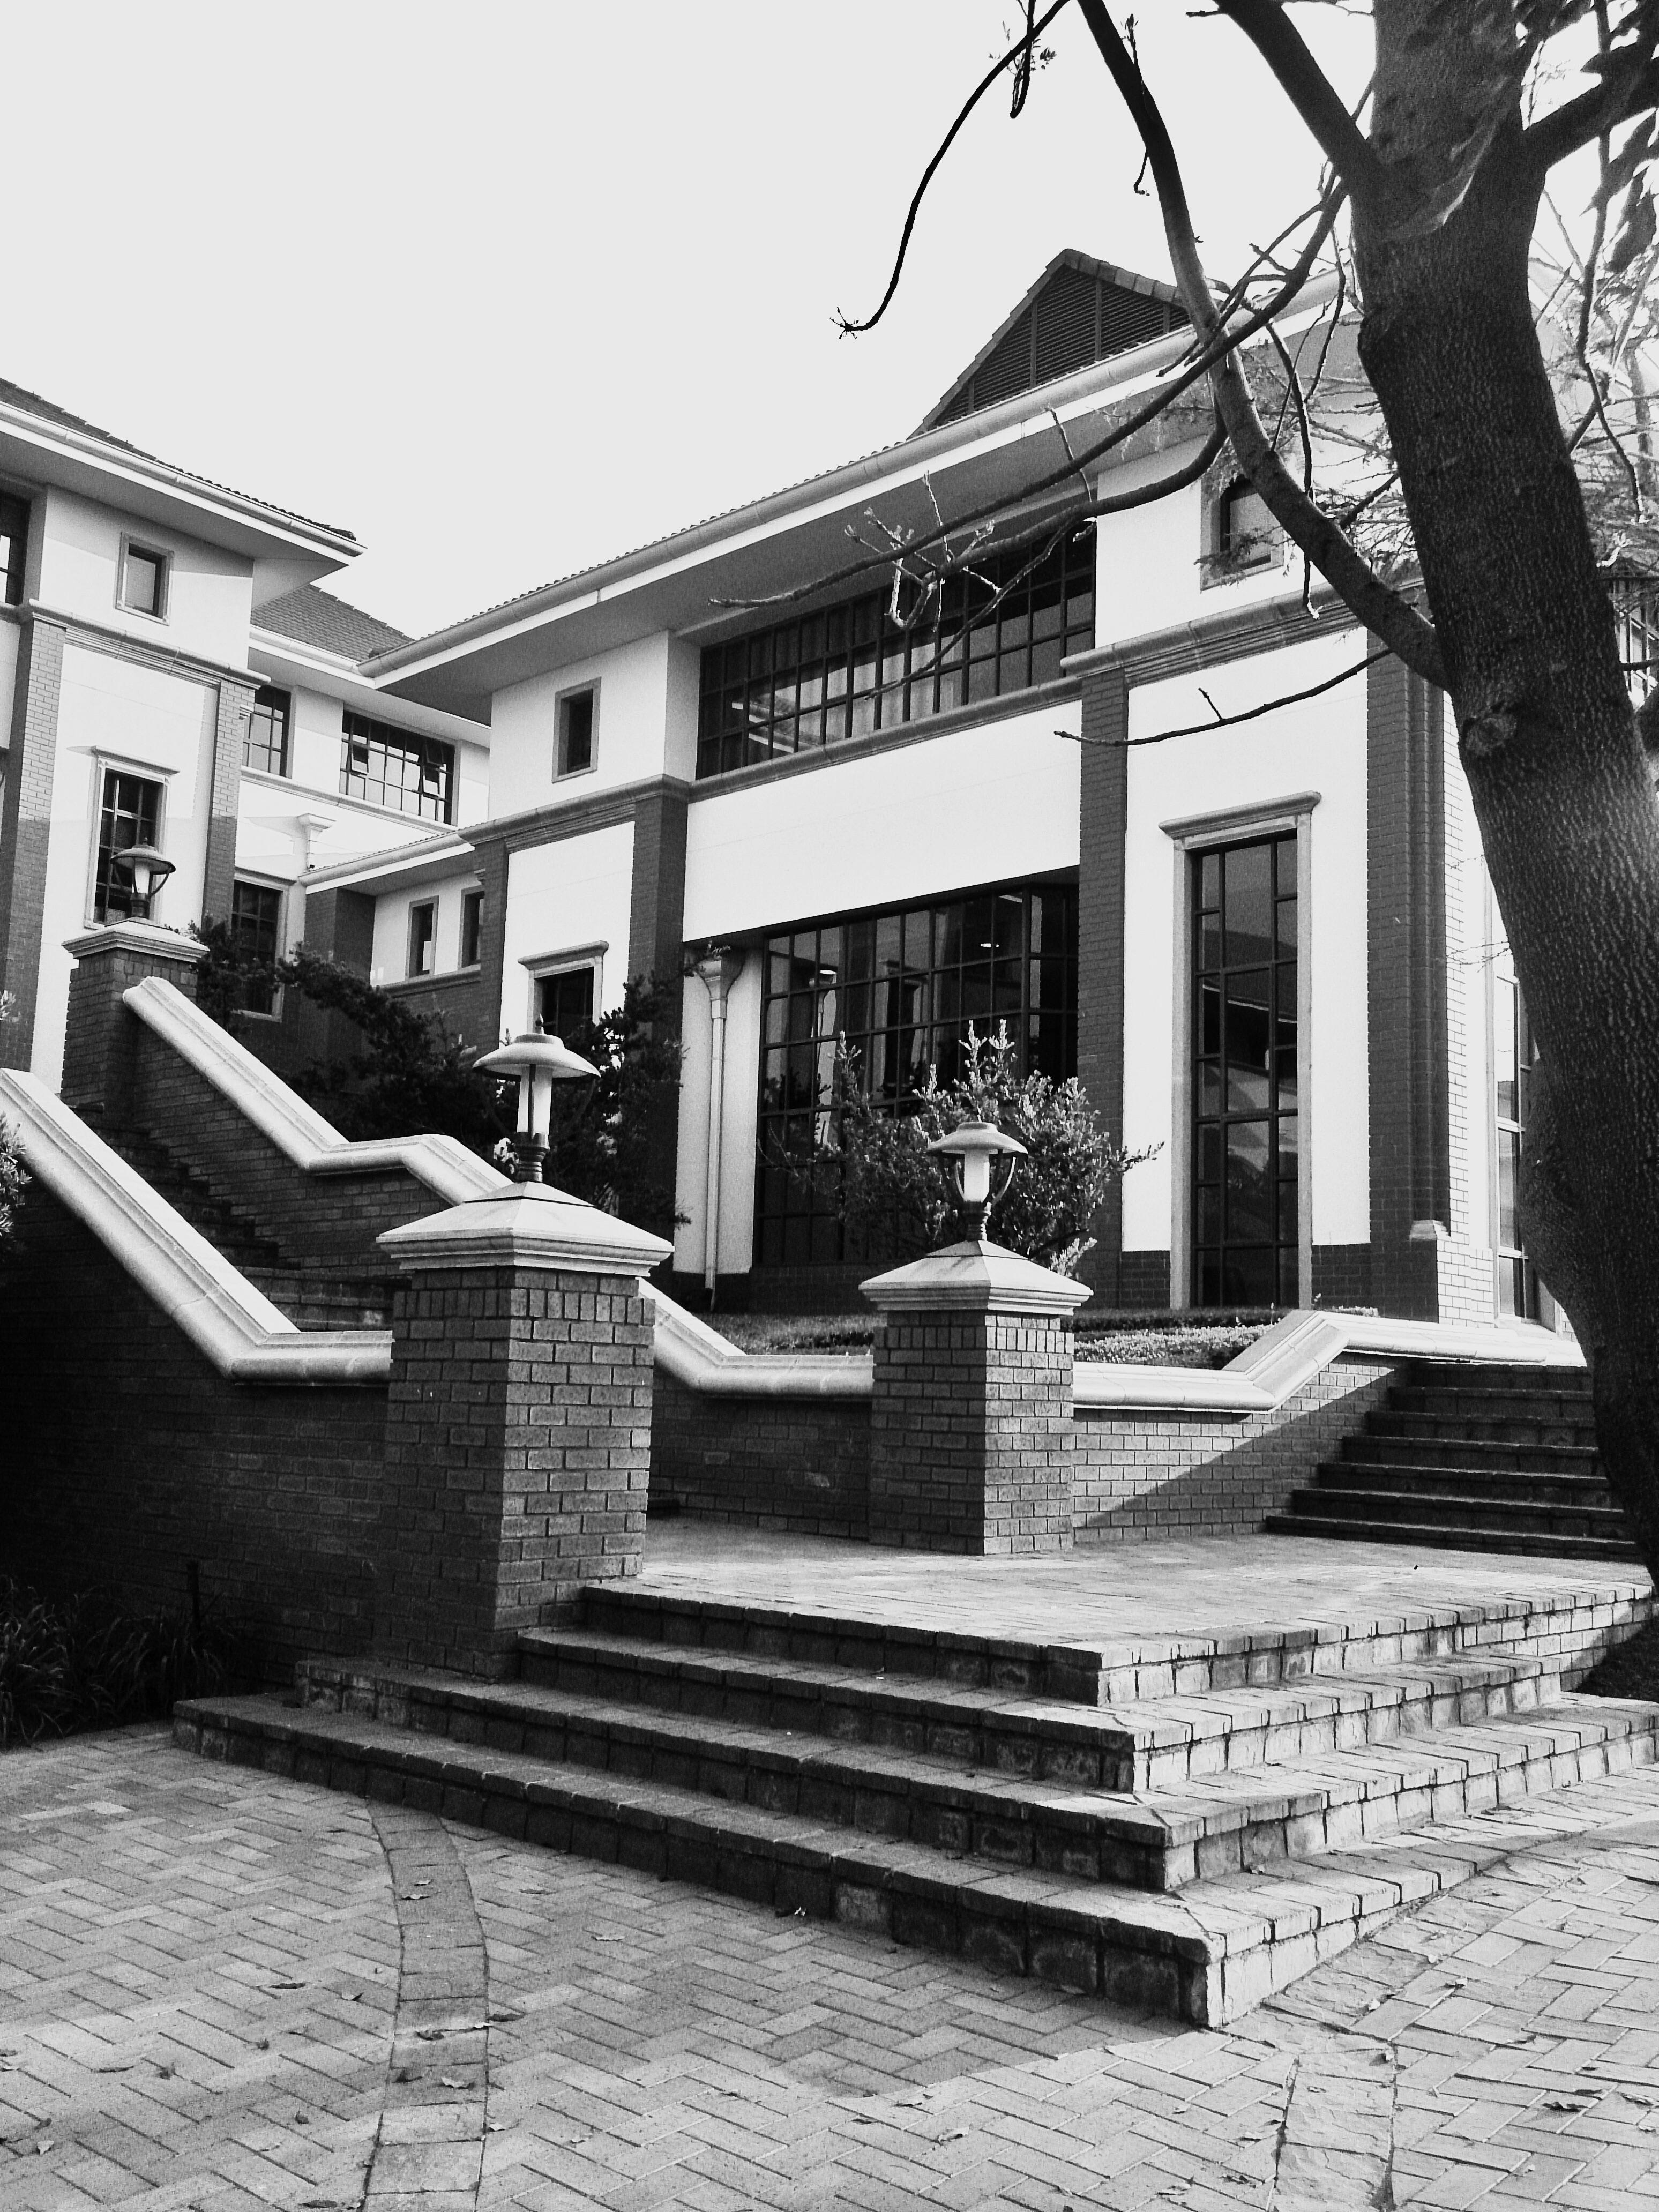 Hitam Dan Putih Arsitektur Jalan Fotografi Rumah Satu Warna Foto Sejarah Gambar